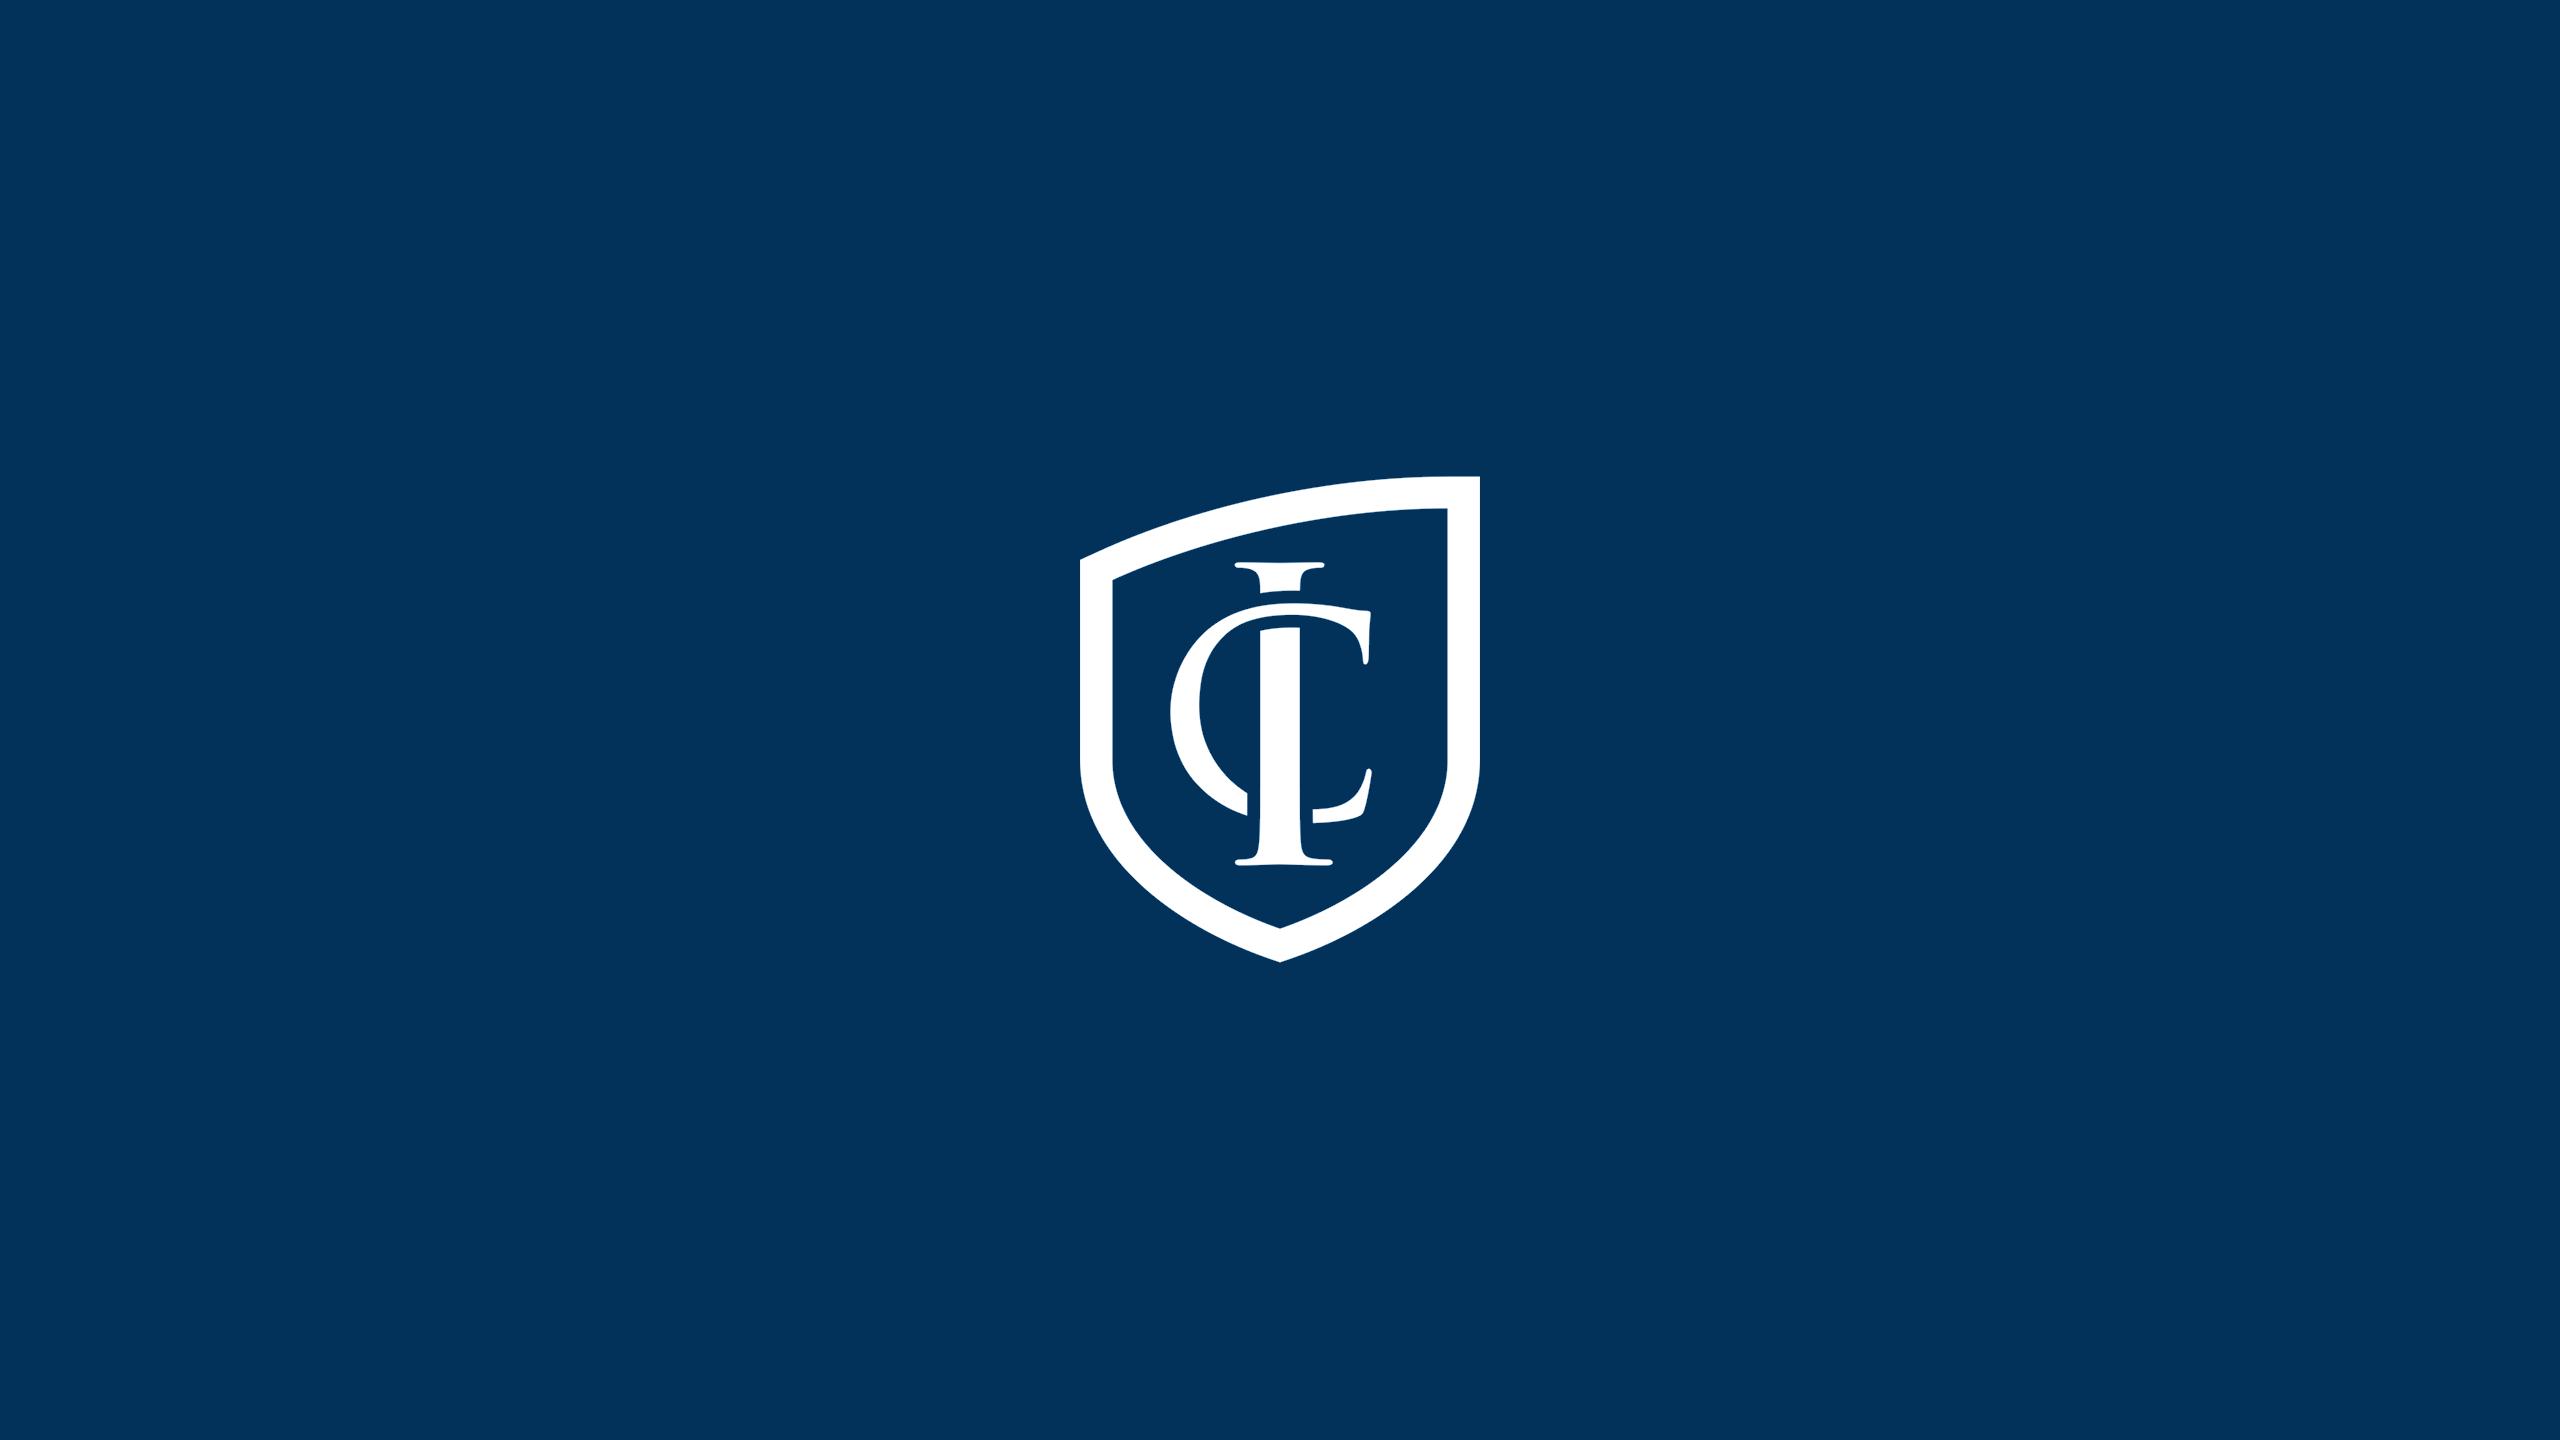 Ithaca (NY) College Bombers